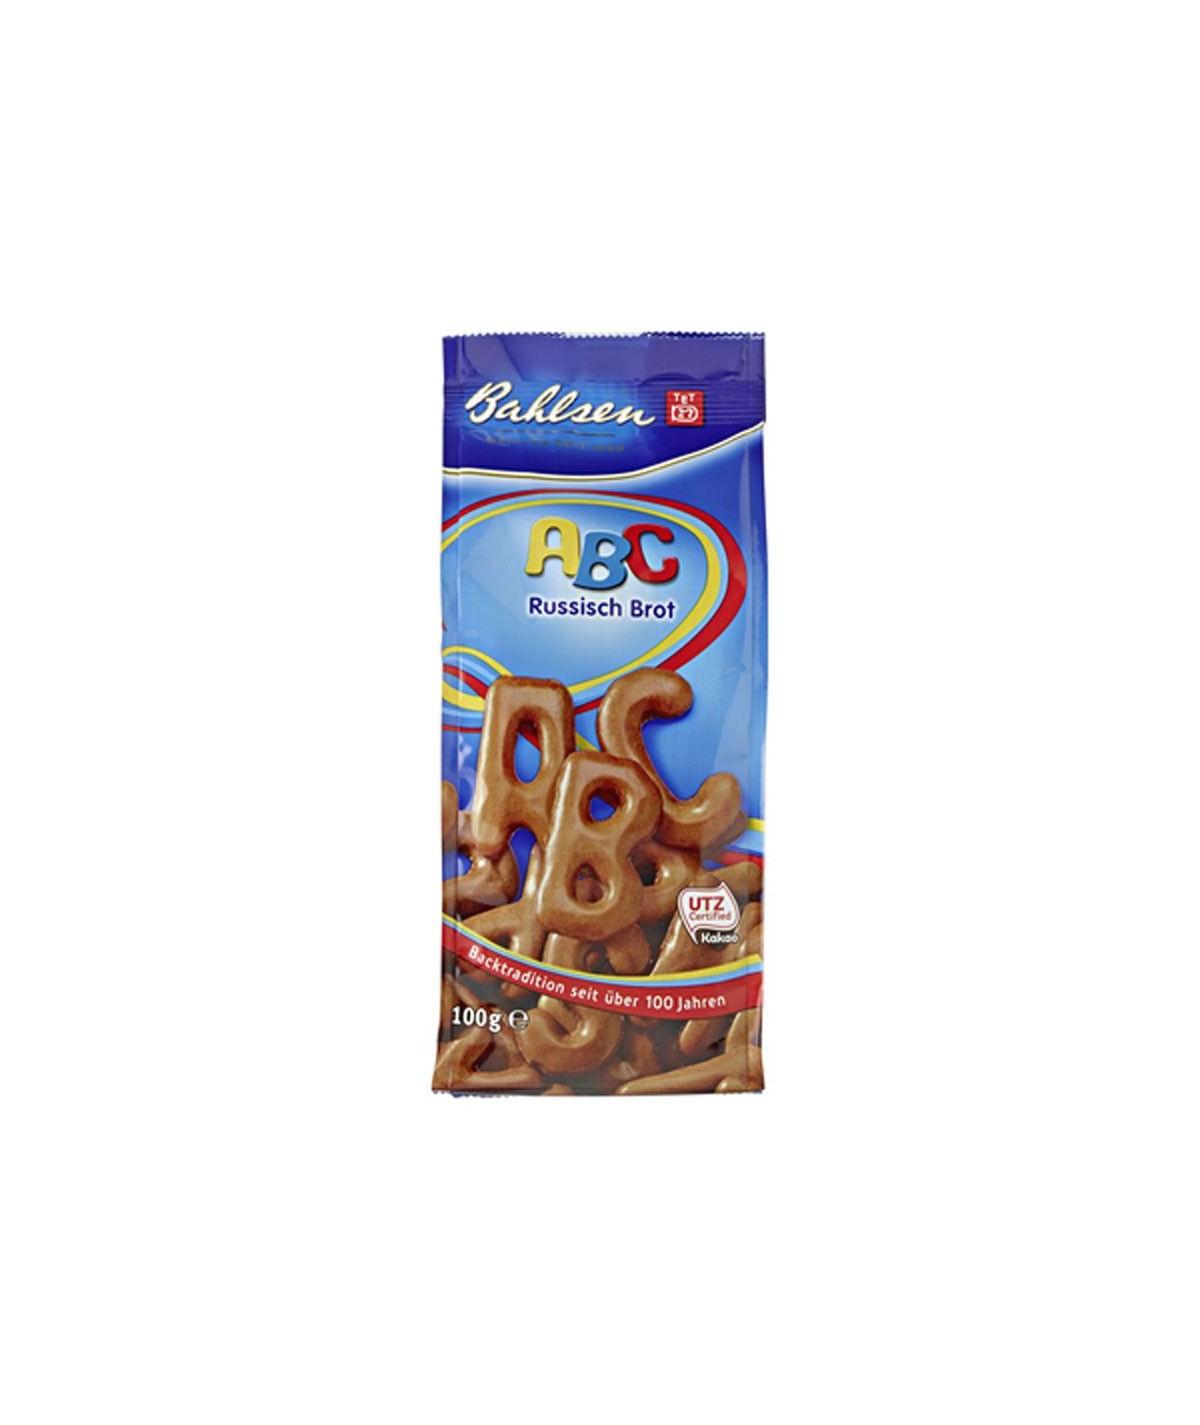 ABC Russisch Brot Bahlsen 100 g